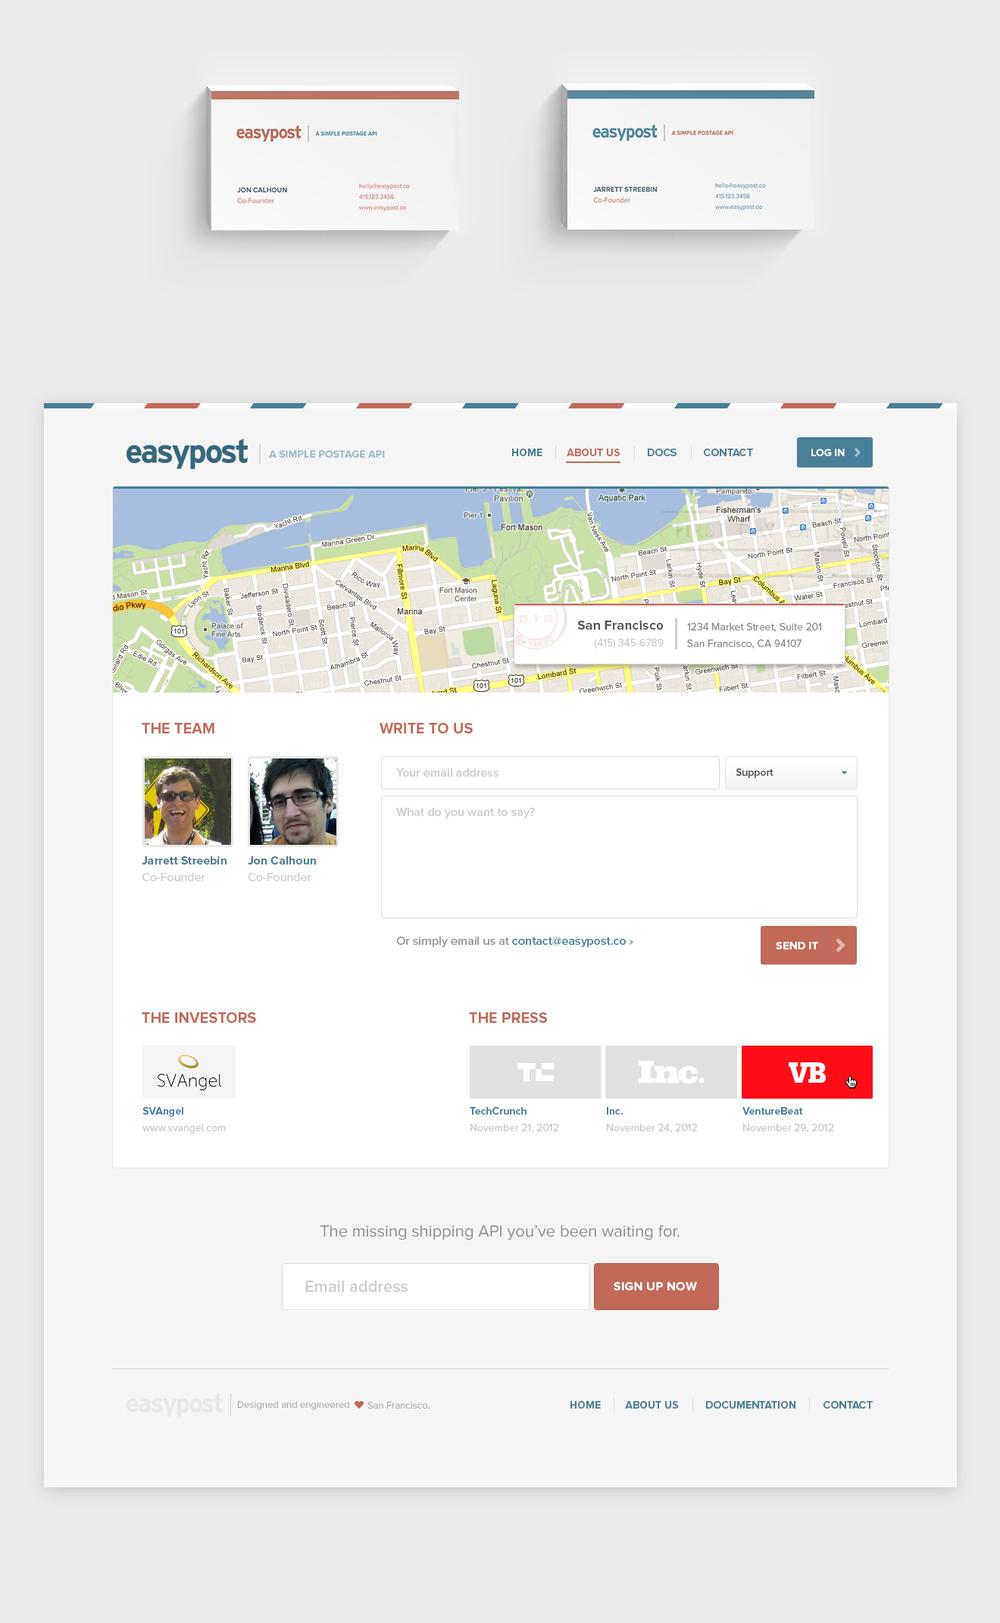 easypost_part-3.jpg